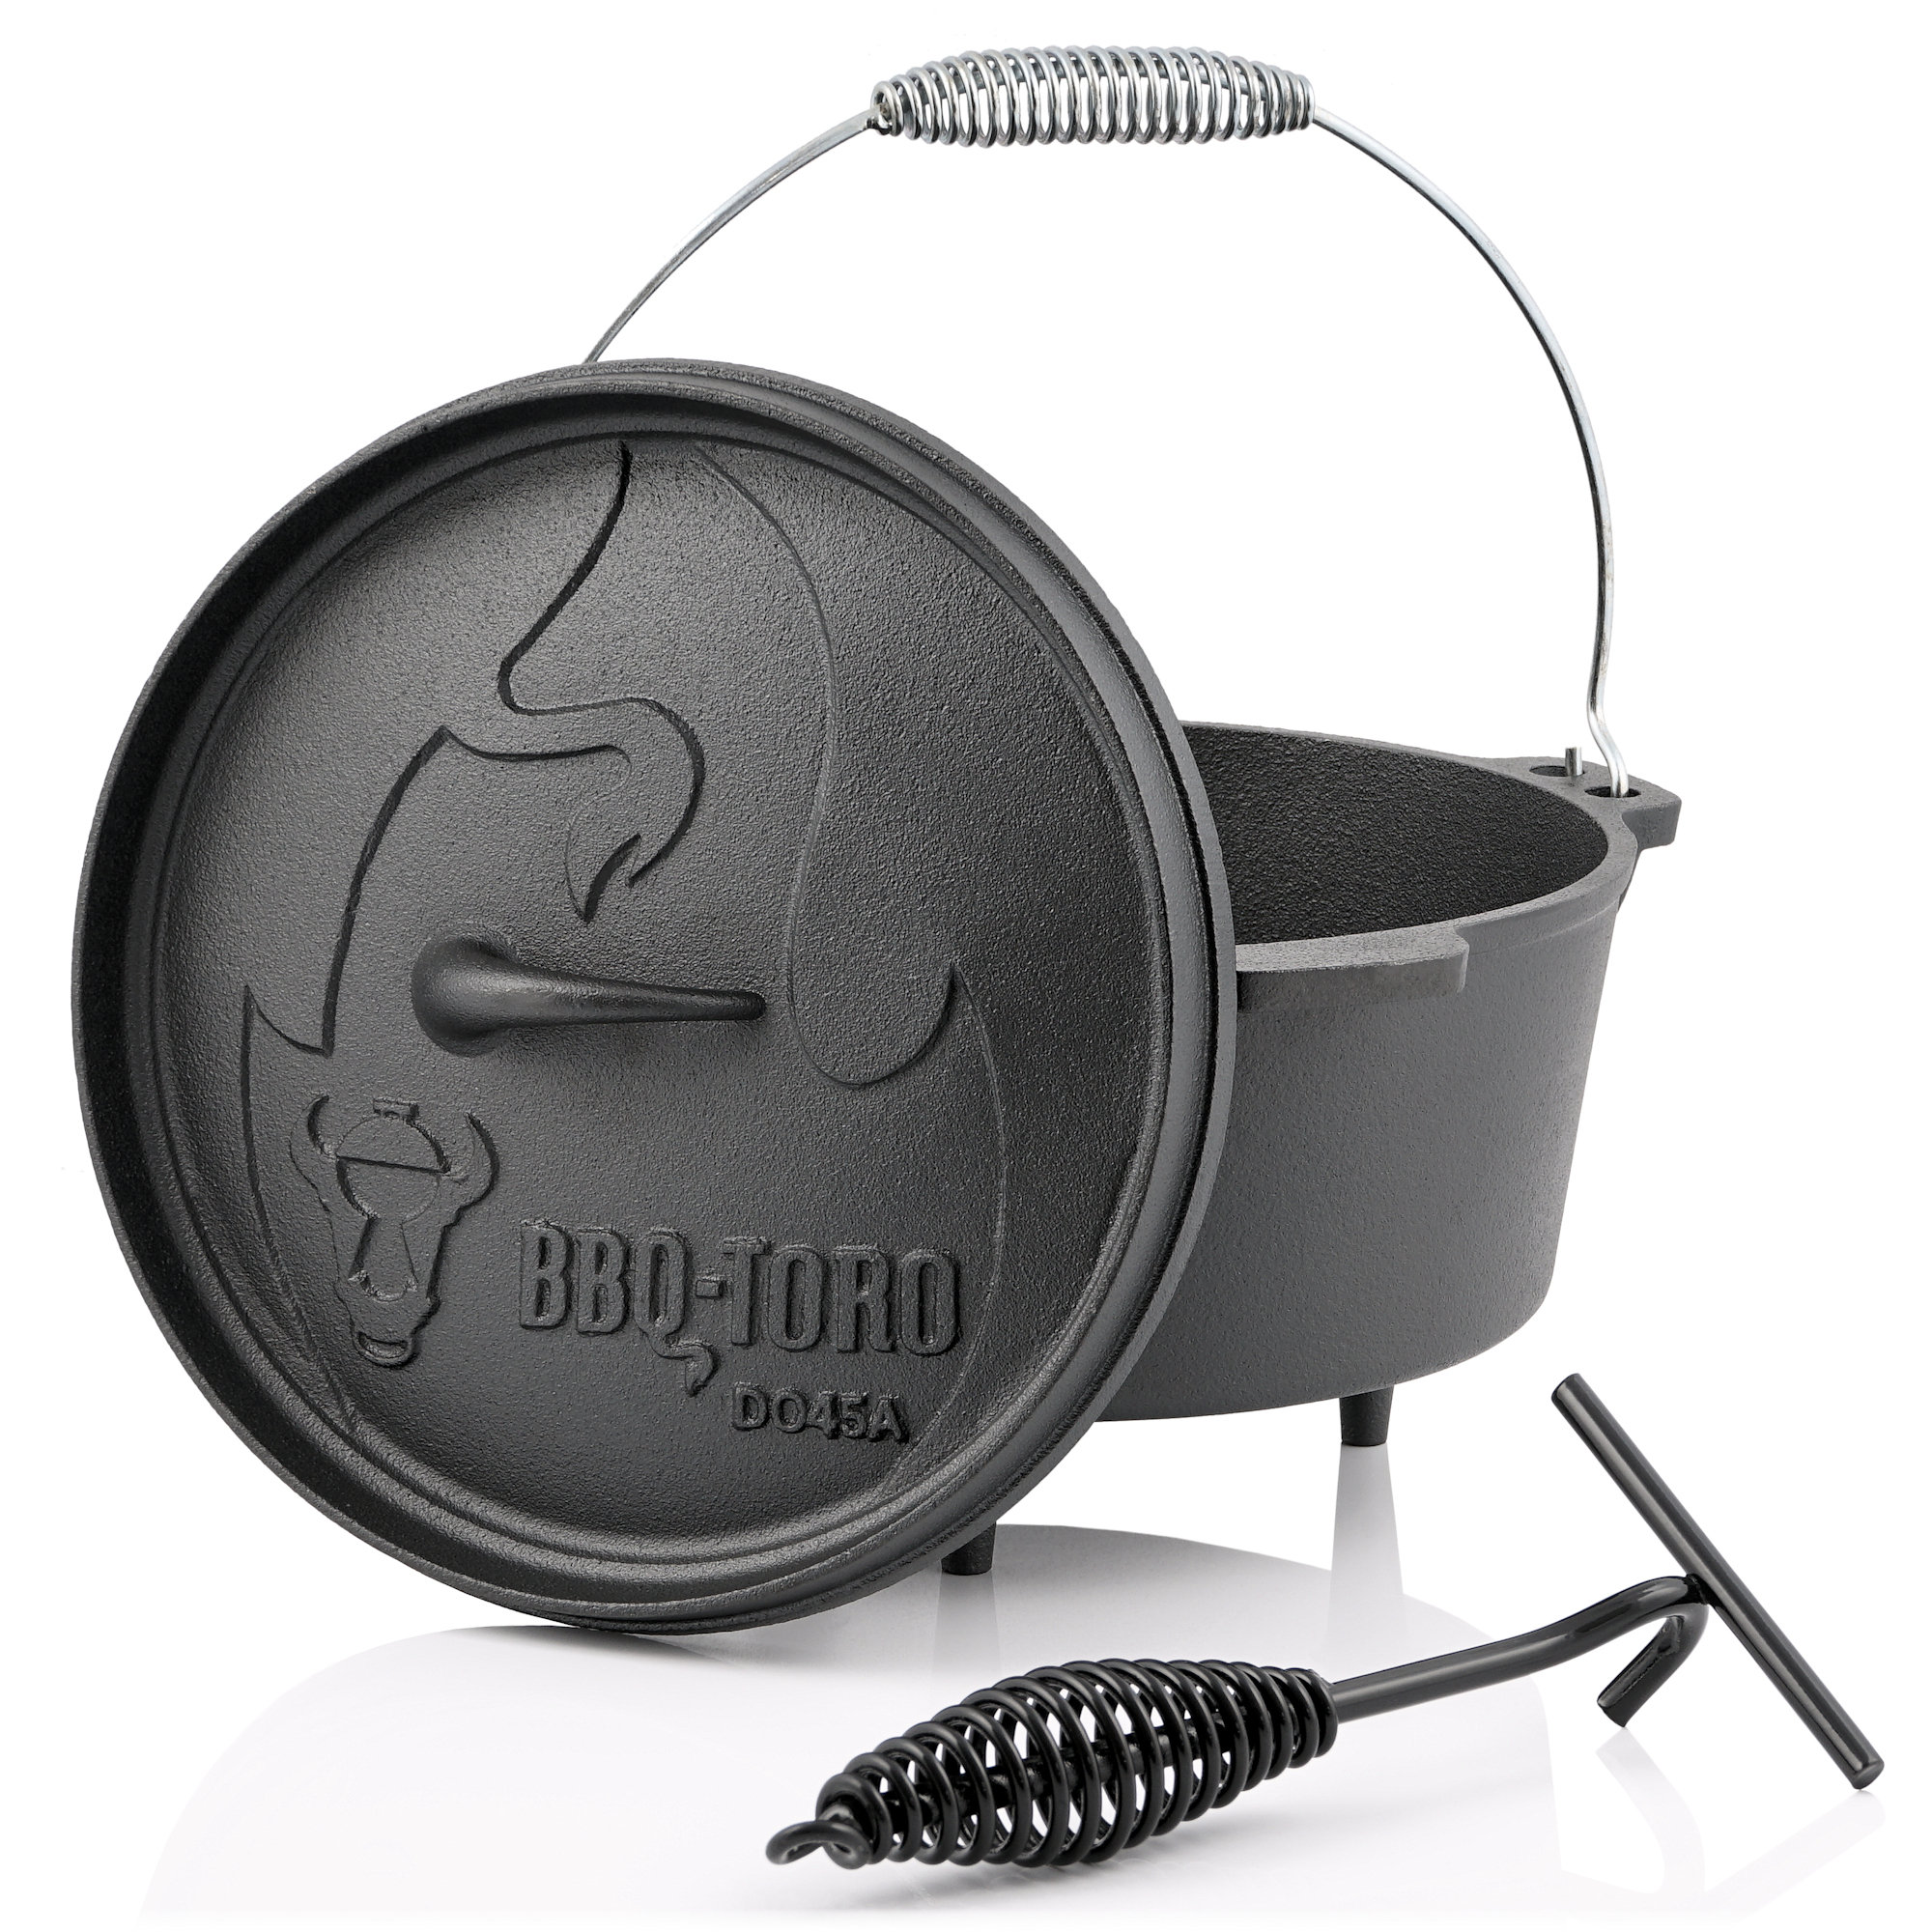 BBQ Toro Dutch Oven